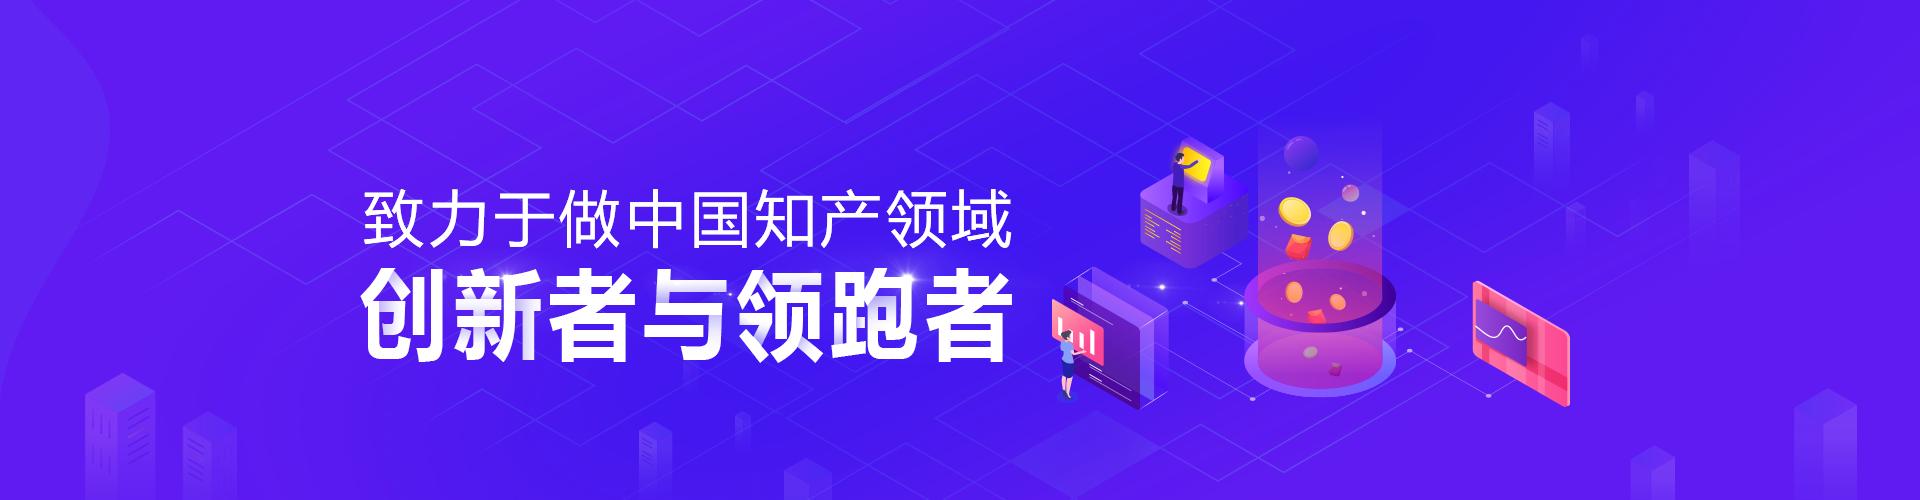 致力于做中國知產領域創新者與領跑者